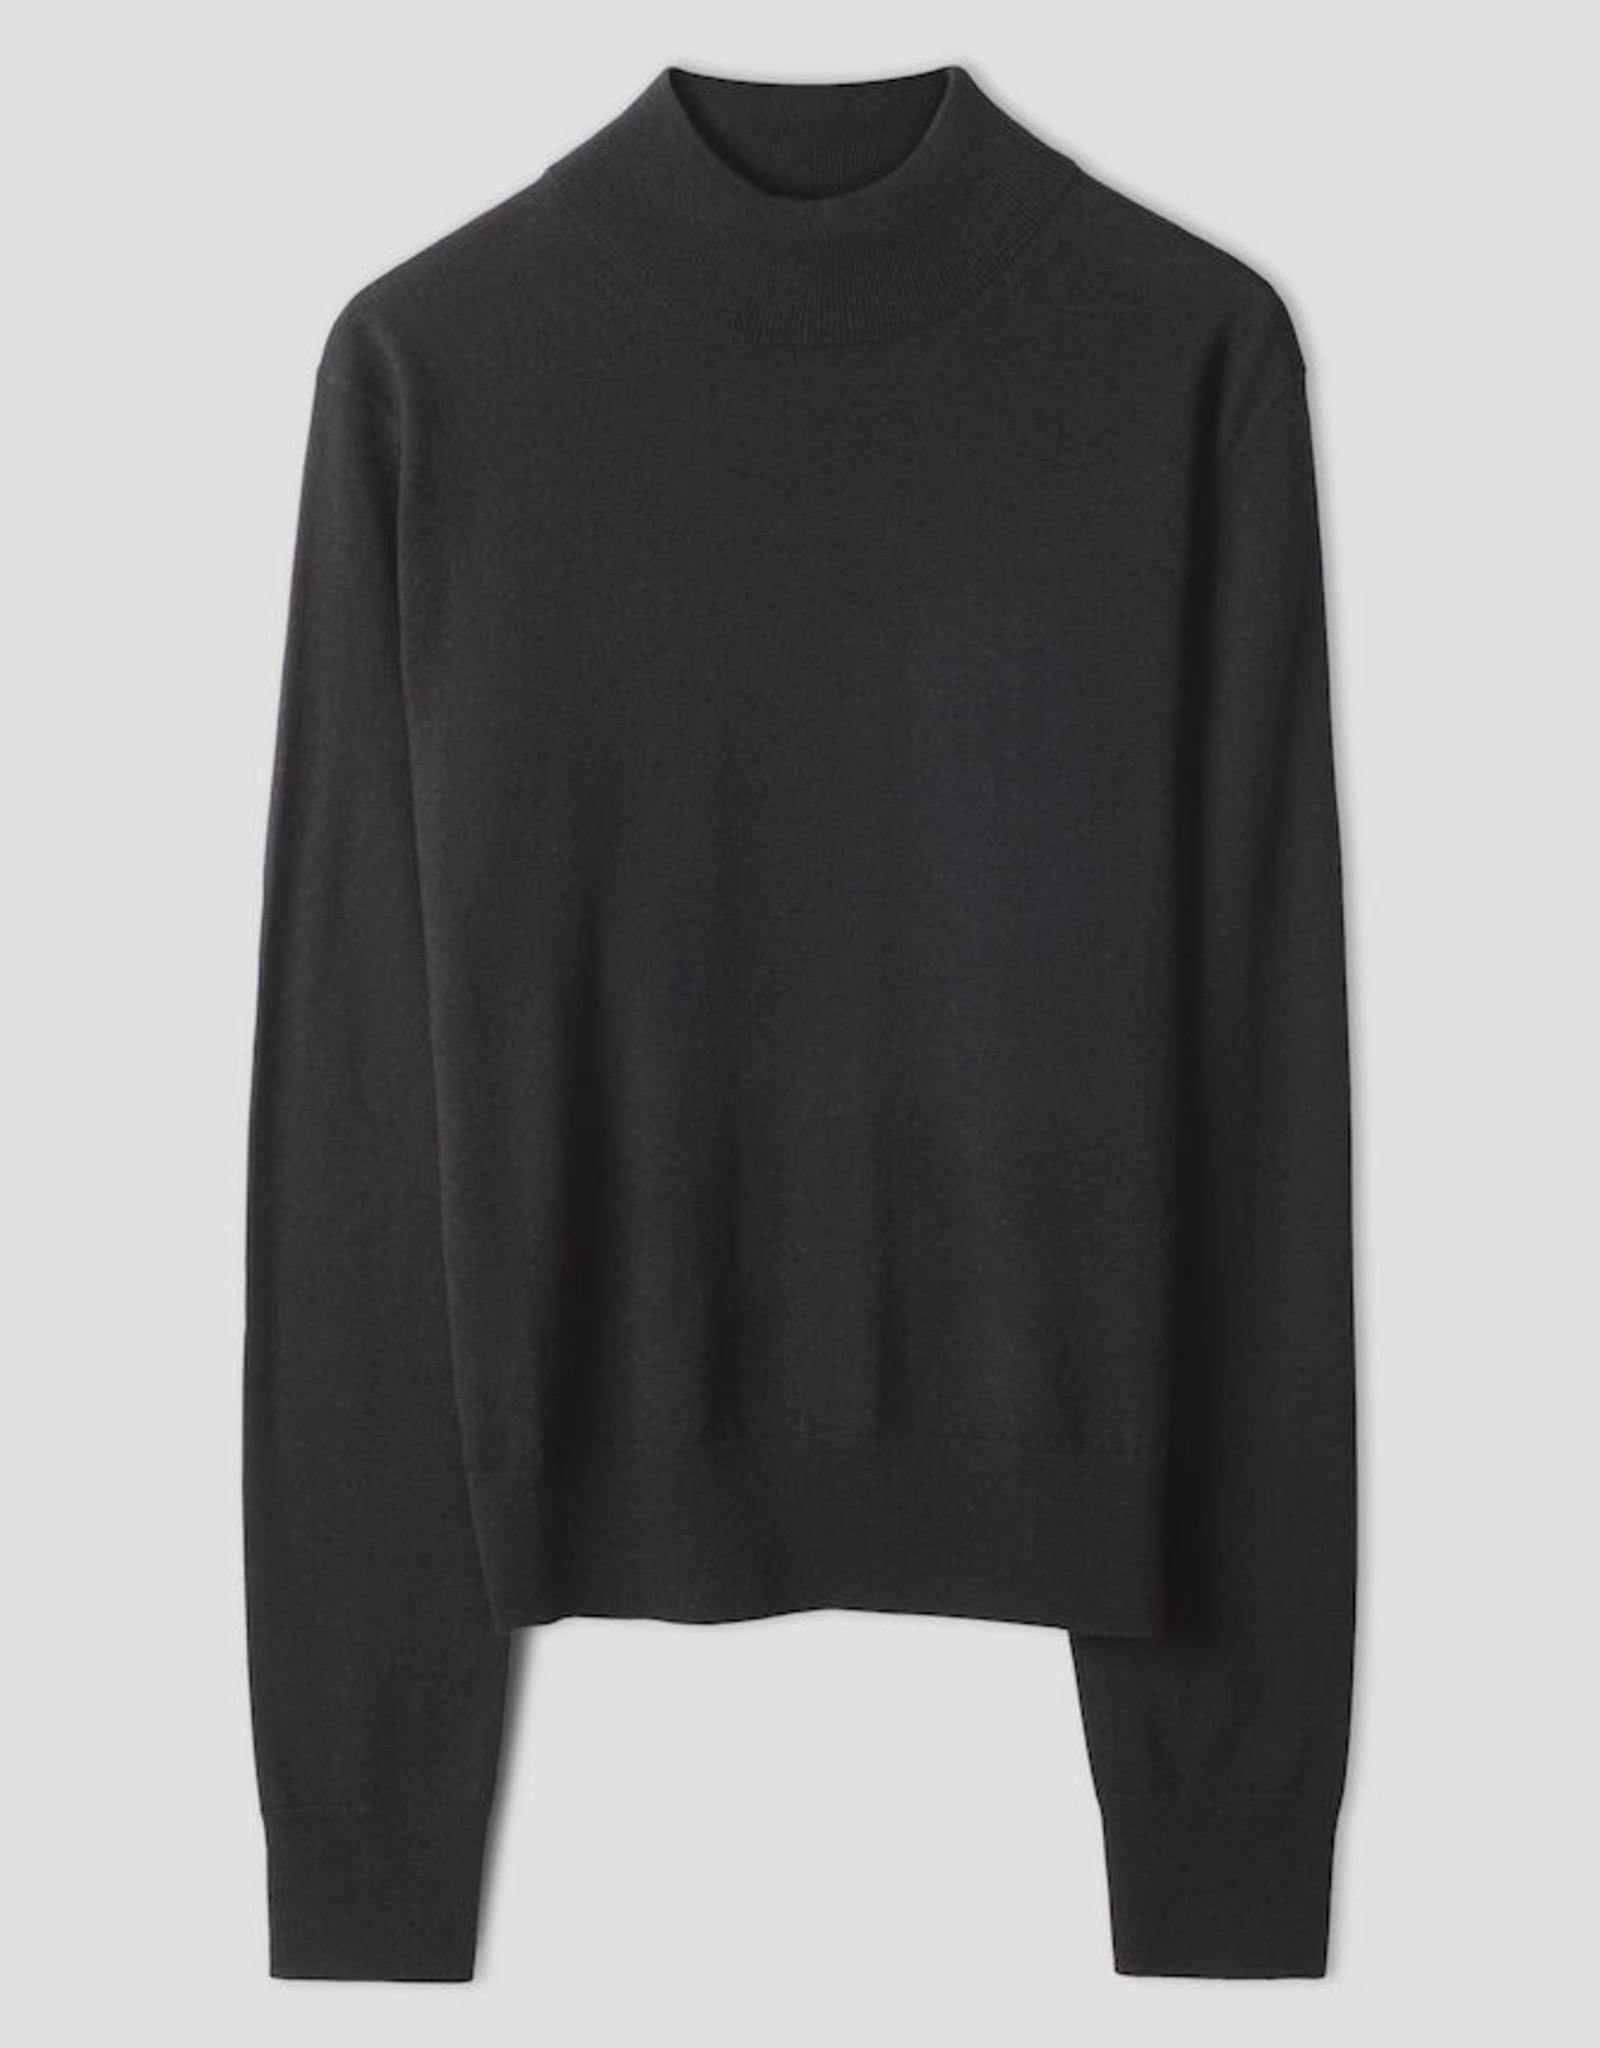 Filippa K M. Silk Mix Sweater 25604 XXL